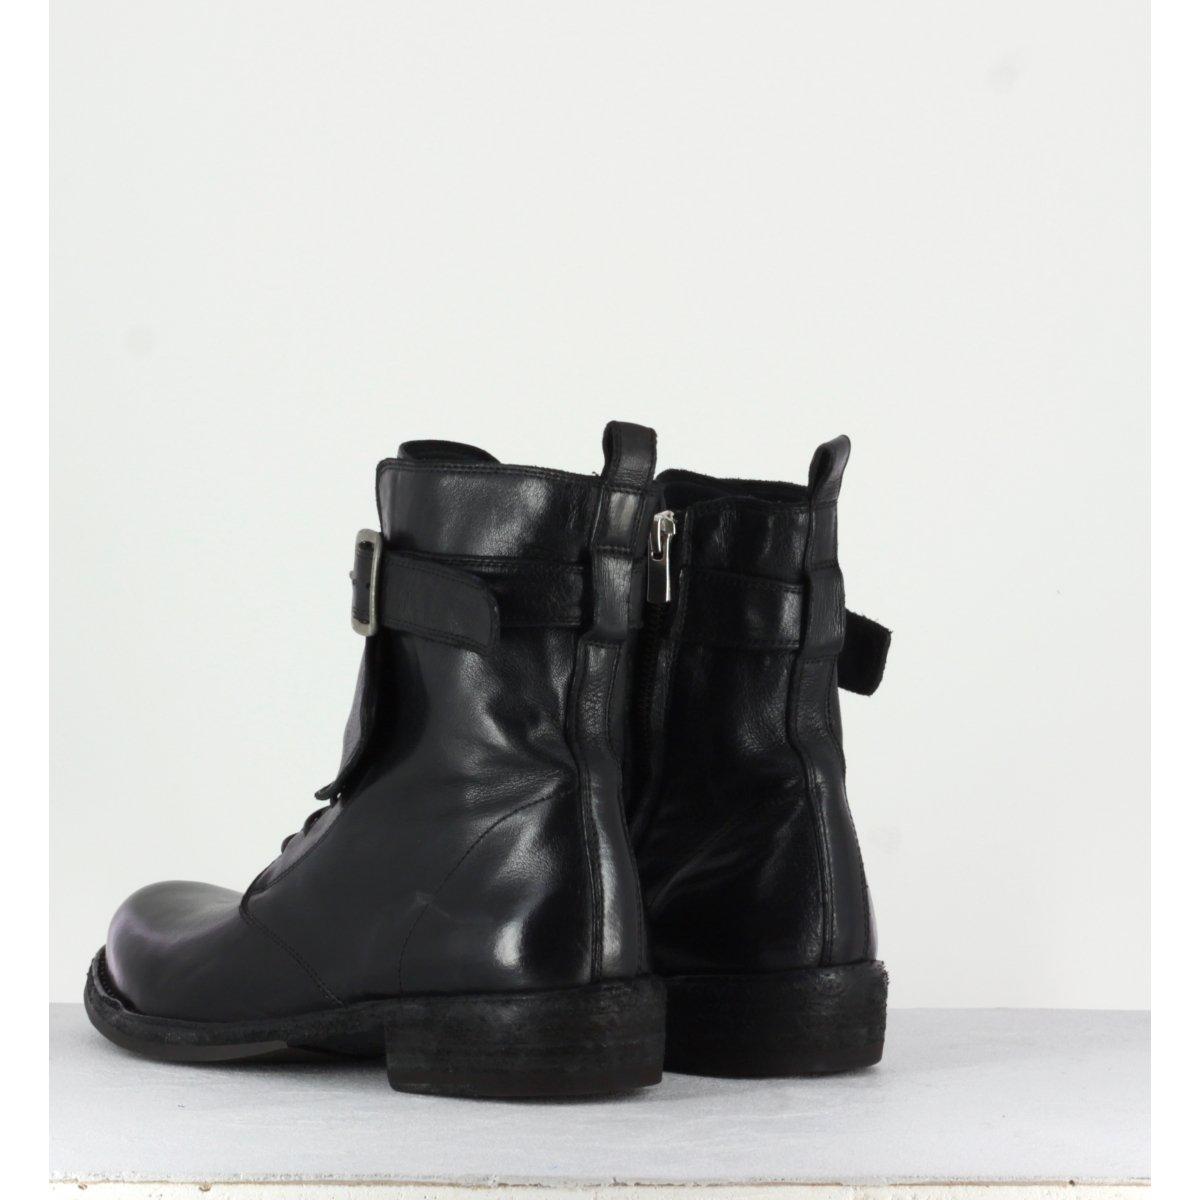 Bottine plates à lacets en cuir noir Officine Creative femme - LEGRAND 142